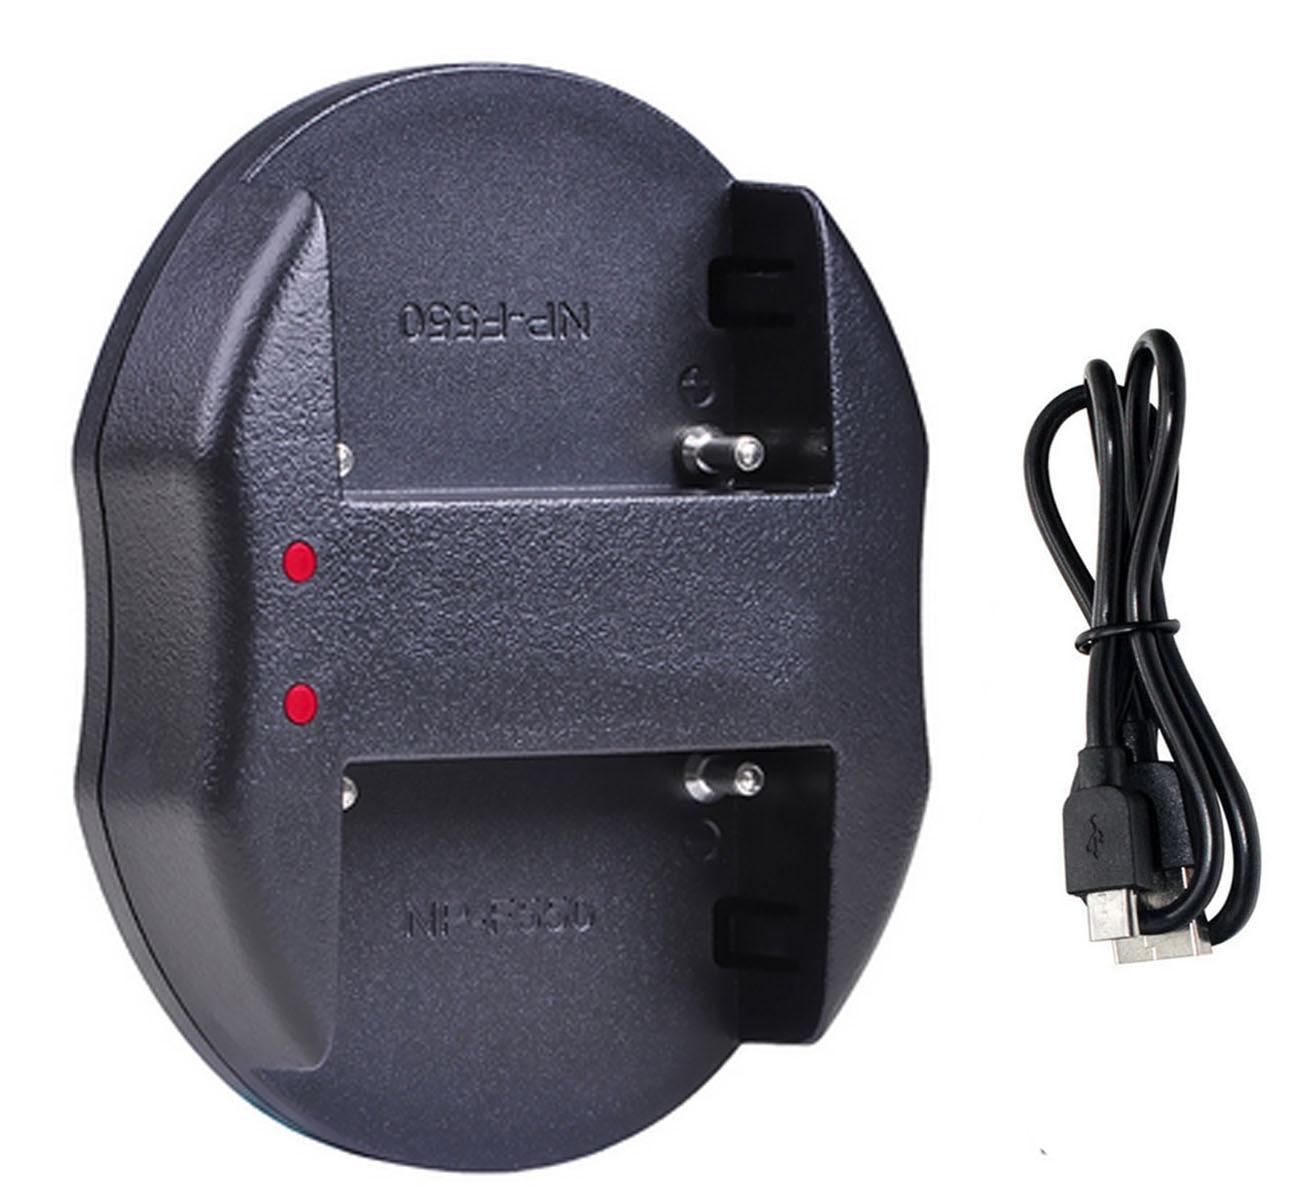 Battery Charger for Sony DCR-TRV5 DCR-TRV6 DCR-TRV9 MiniDV Handycam Camcorder DCR-TRV7 DCR-TRV8